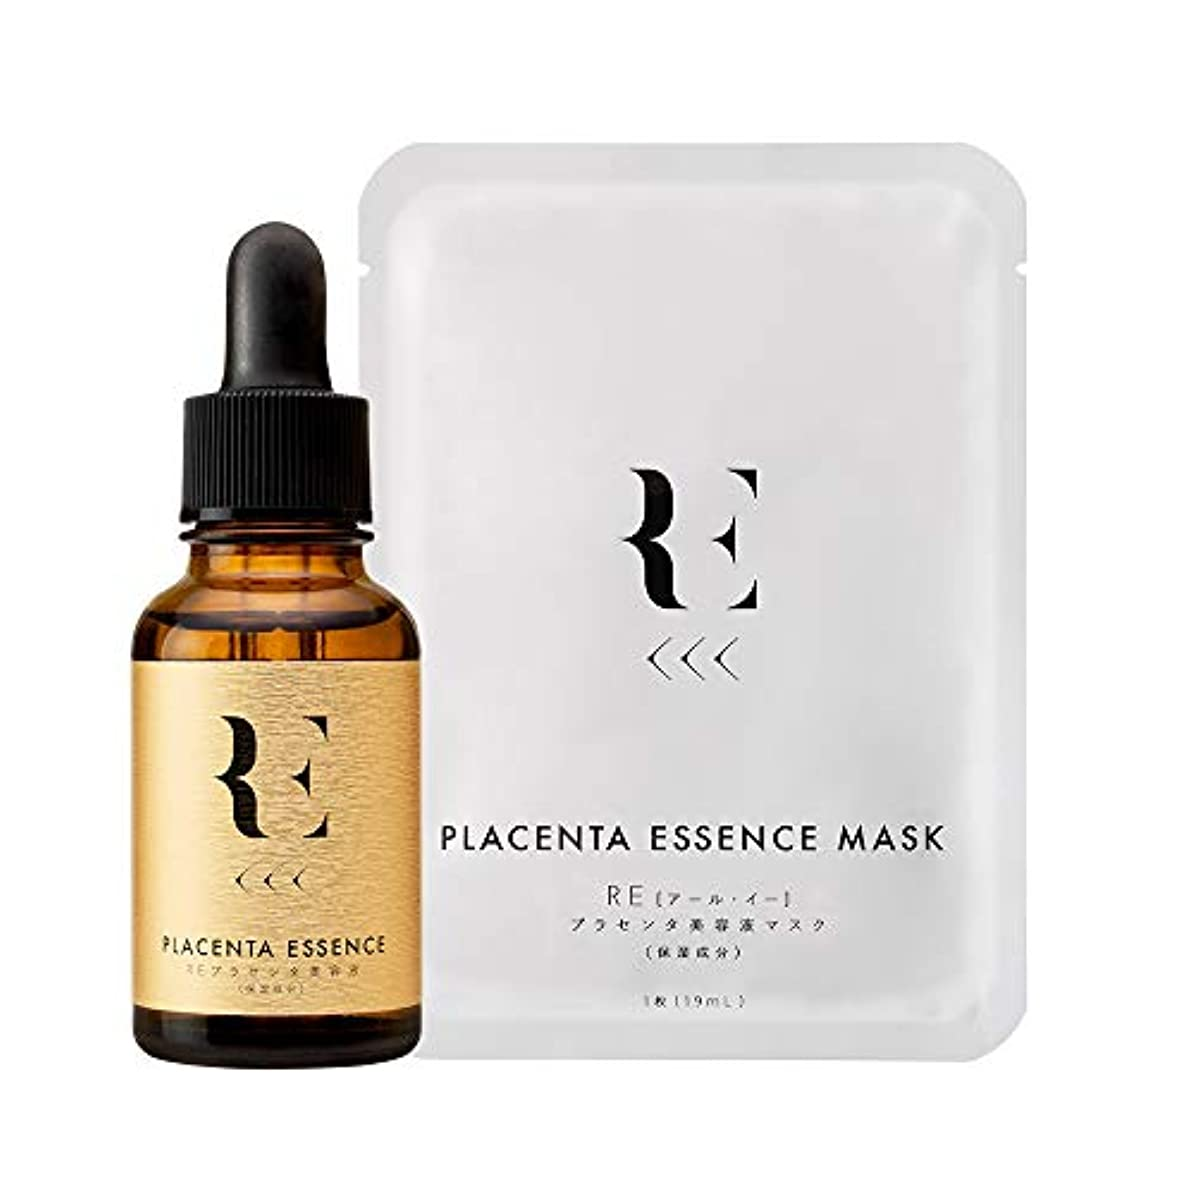 ラバ損傷次RE プラセンタ 美容液 美容液マスク セット エイジングケア ヒト型幹細胞培養液